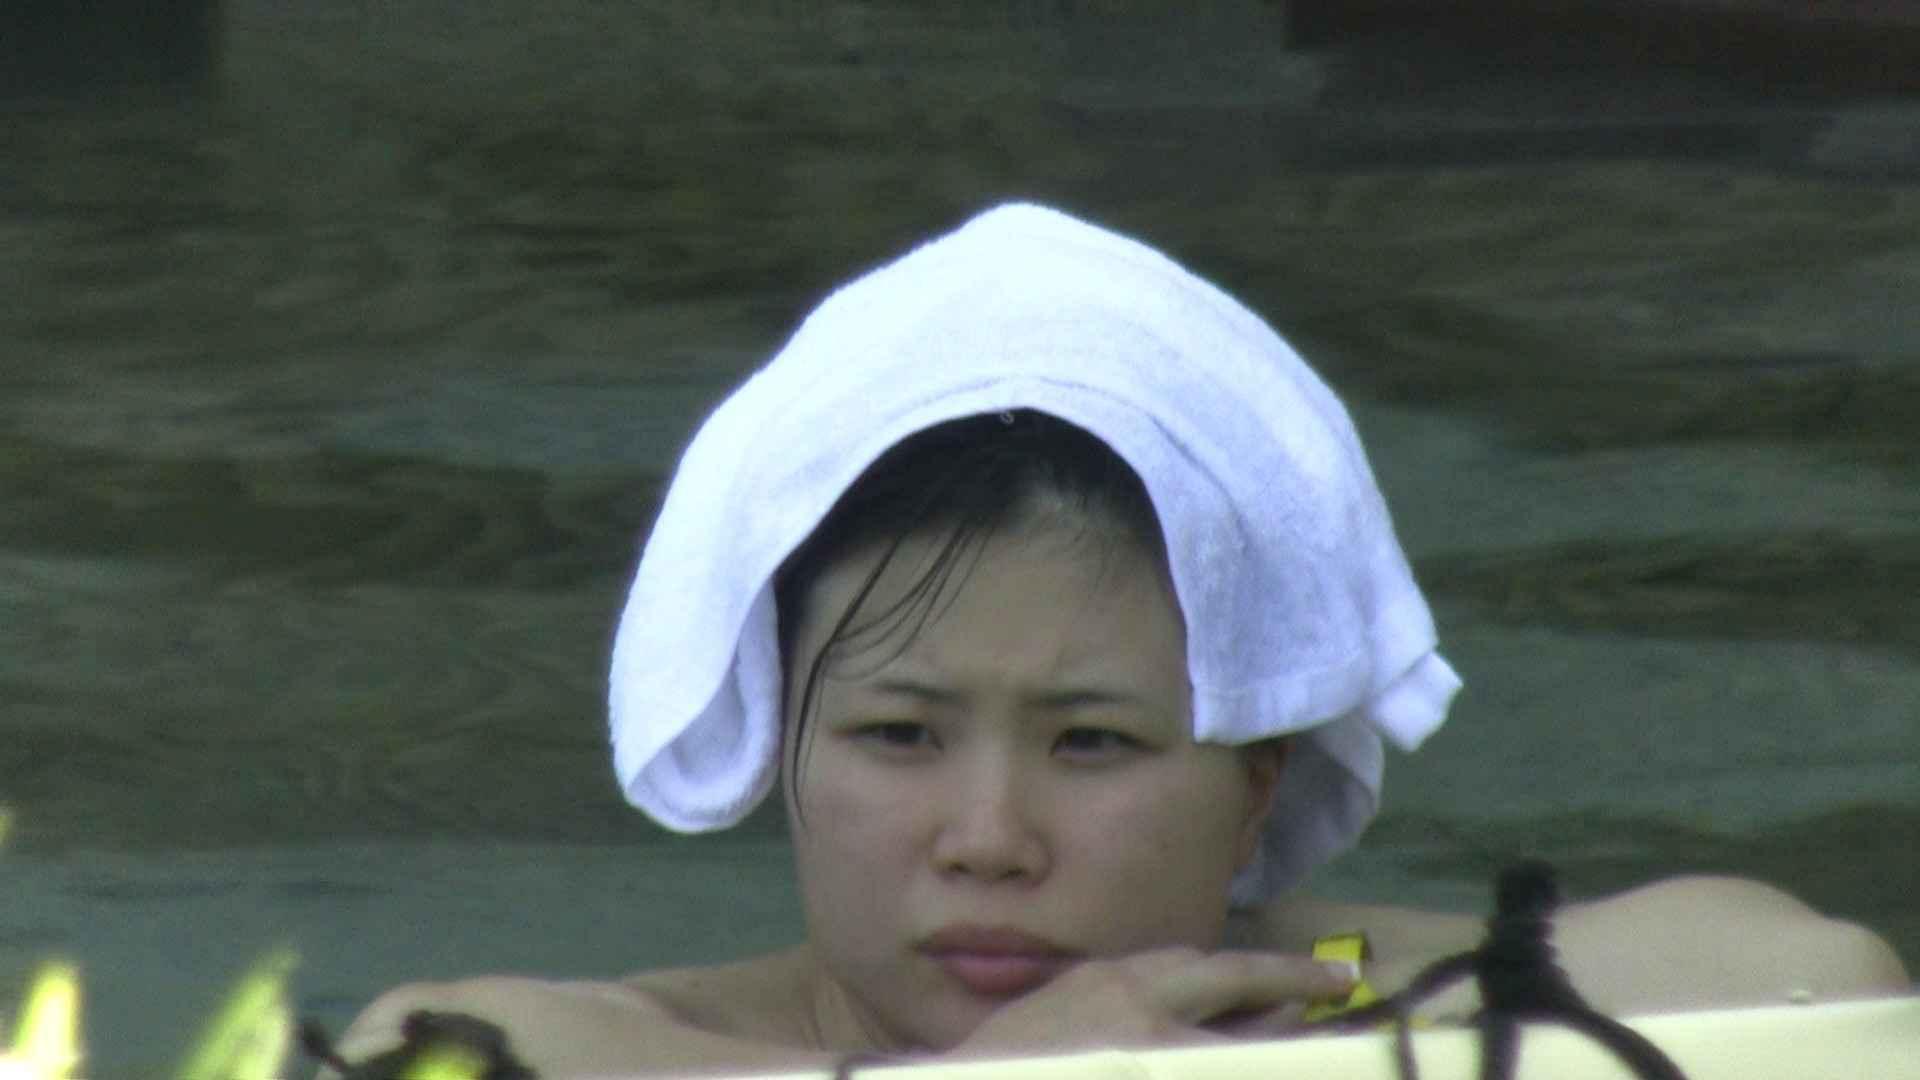 Aquaな露天風呂Vol.183 美しいOLの裸体  105pic 51